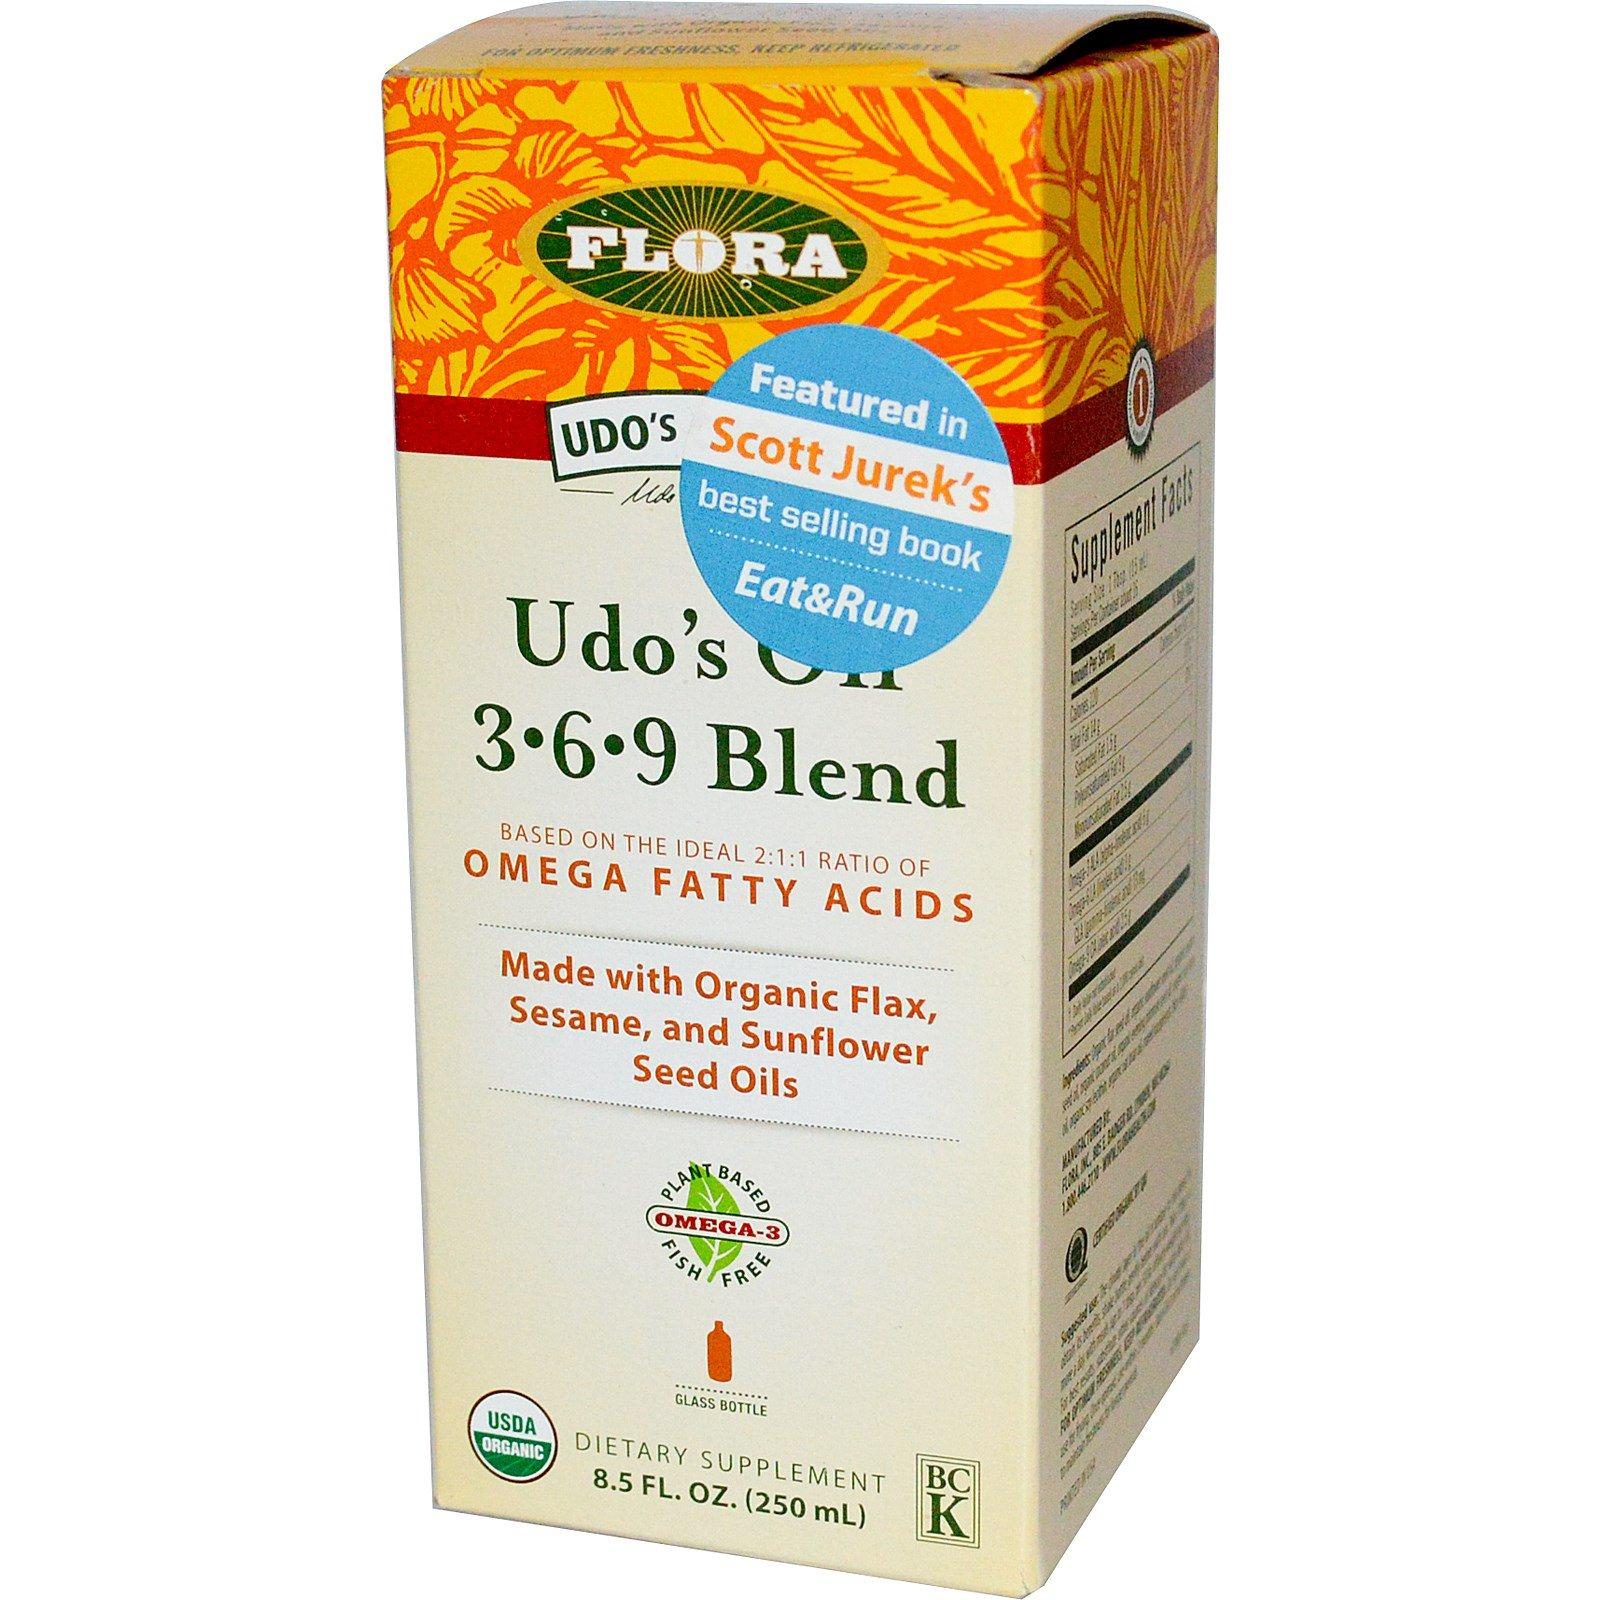 Flora, Organic, Udo's Choice, масло удо, 3.6.9 смесь 8.5 жидких унции (250 мл)